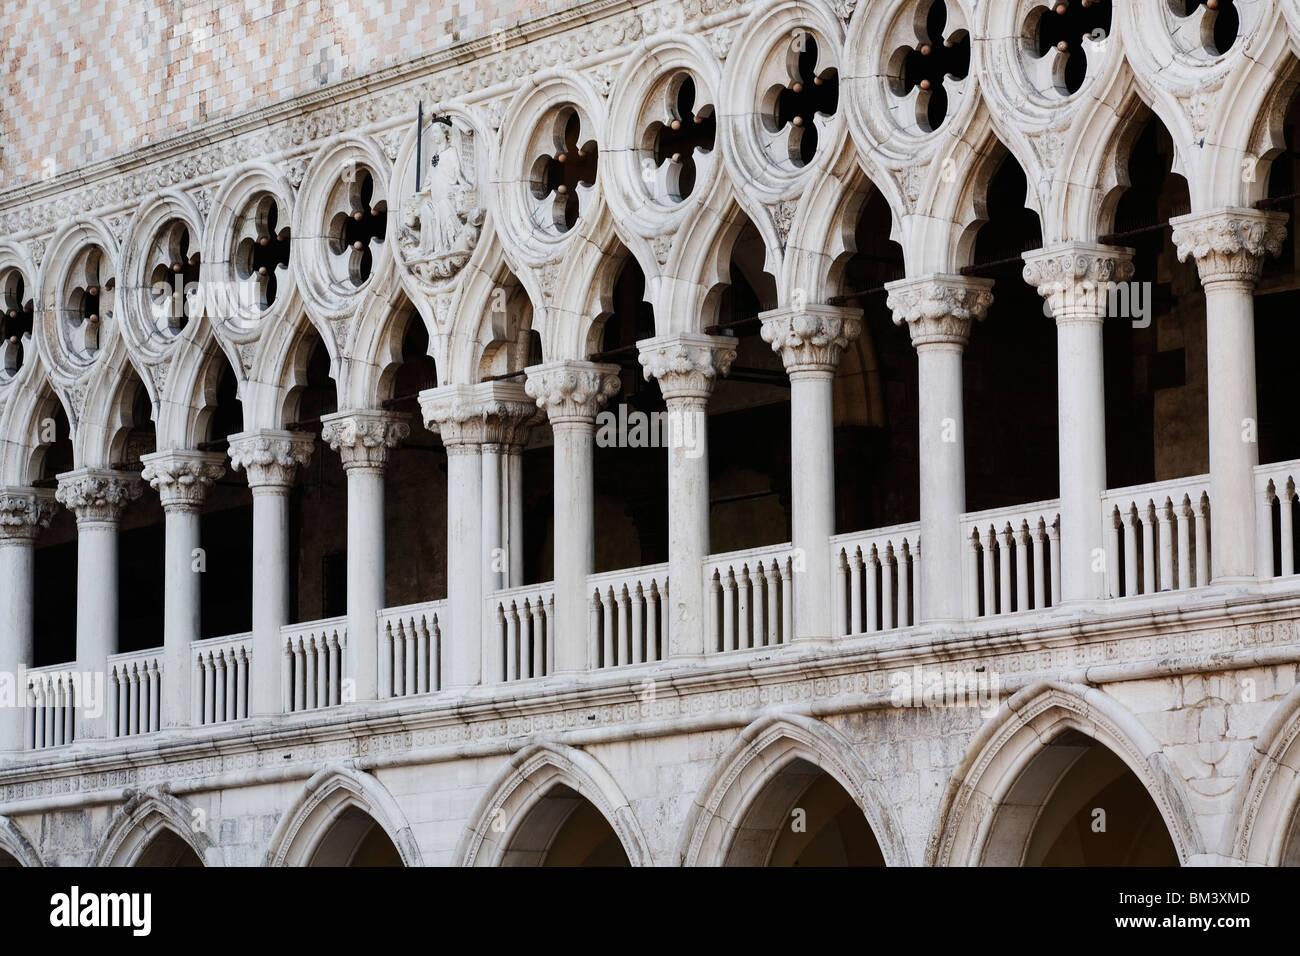 Venecia - Palacio Ducal - Palazzo Ducale - mostrando de cerca de arquitectura gótica Imagen De Stock